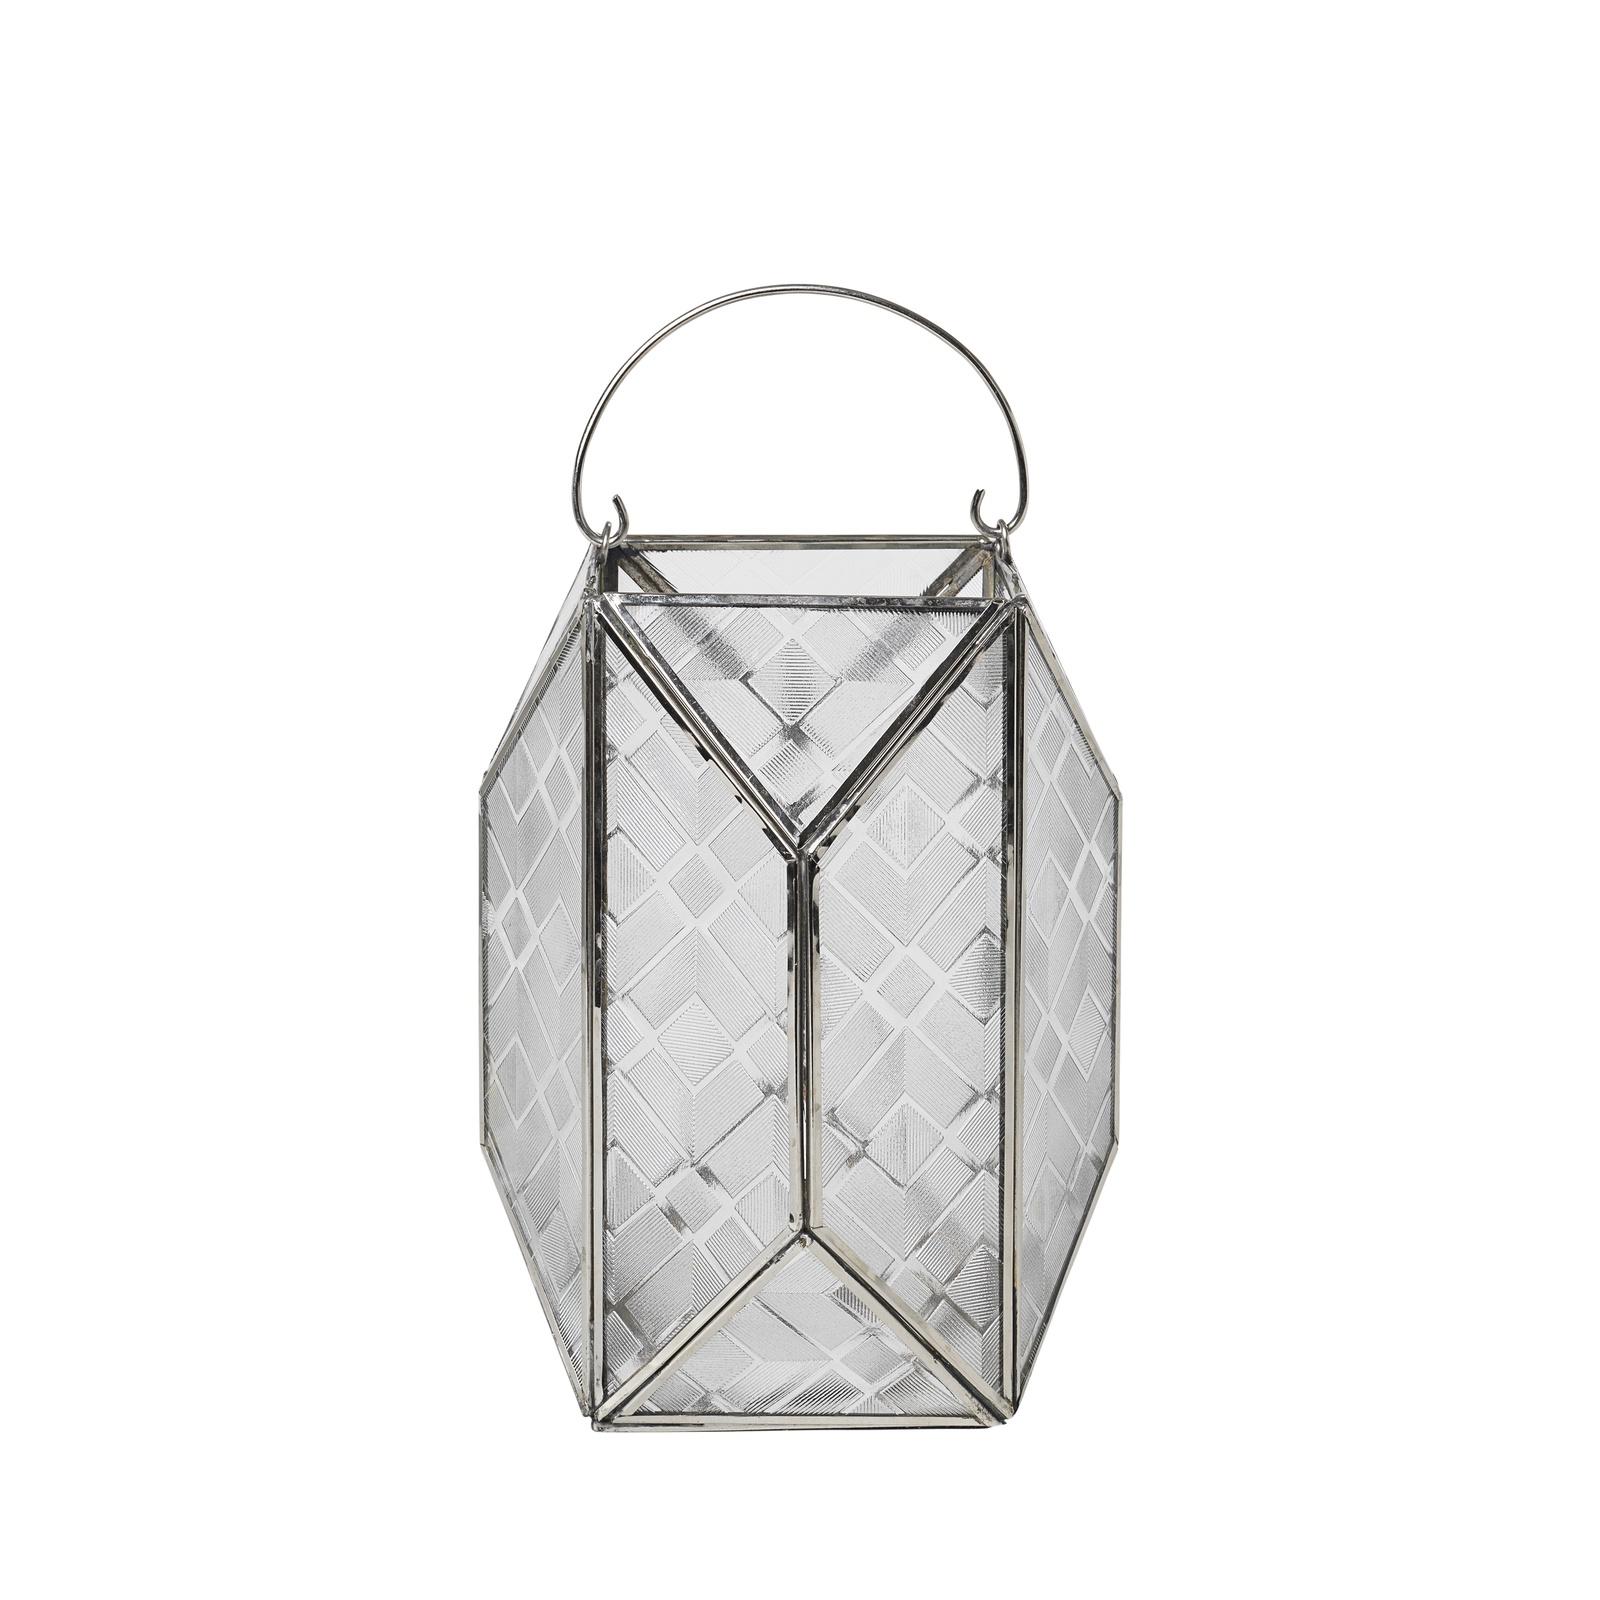 Фонарь-подсвечник Broste Meili 70140013, прозрачный, серебряный, 17 х 17 х 24 см недорго, оригинальная цена